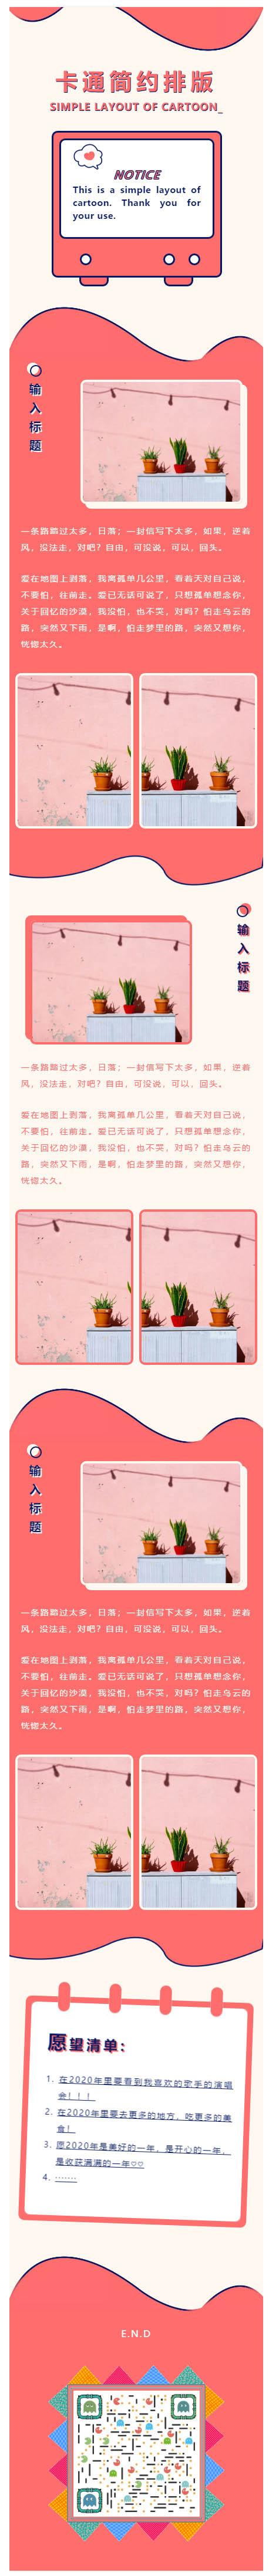 红色可爱卡通风格模板微信公众号推送图文推文模板